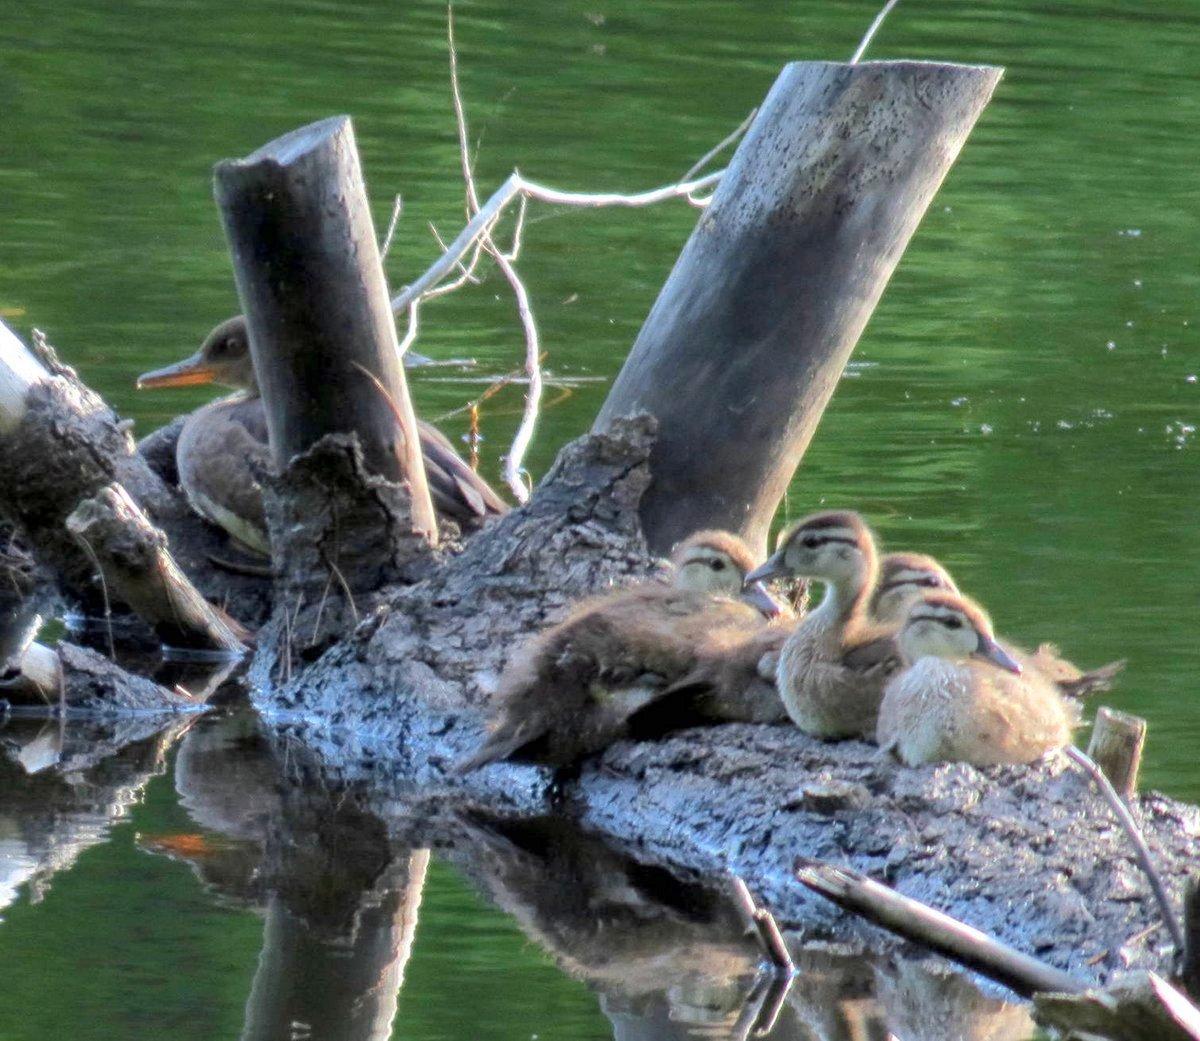 7. Wood Ducklings